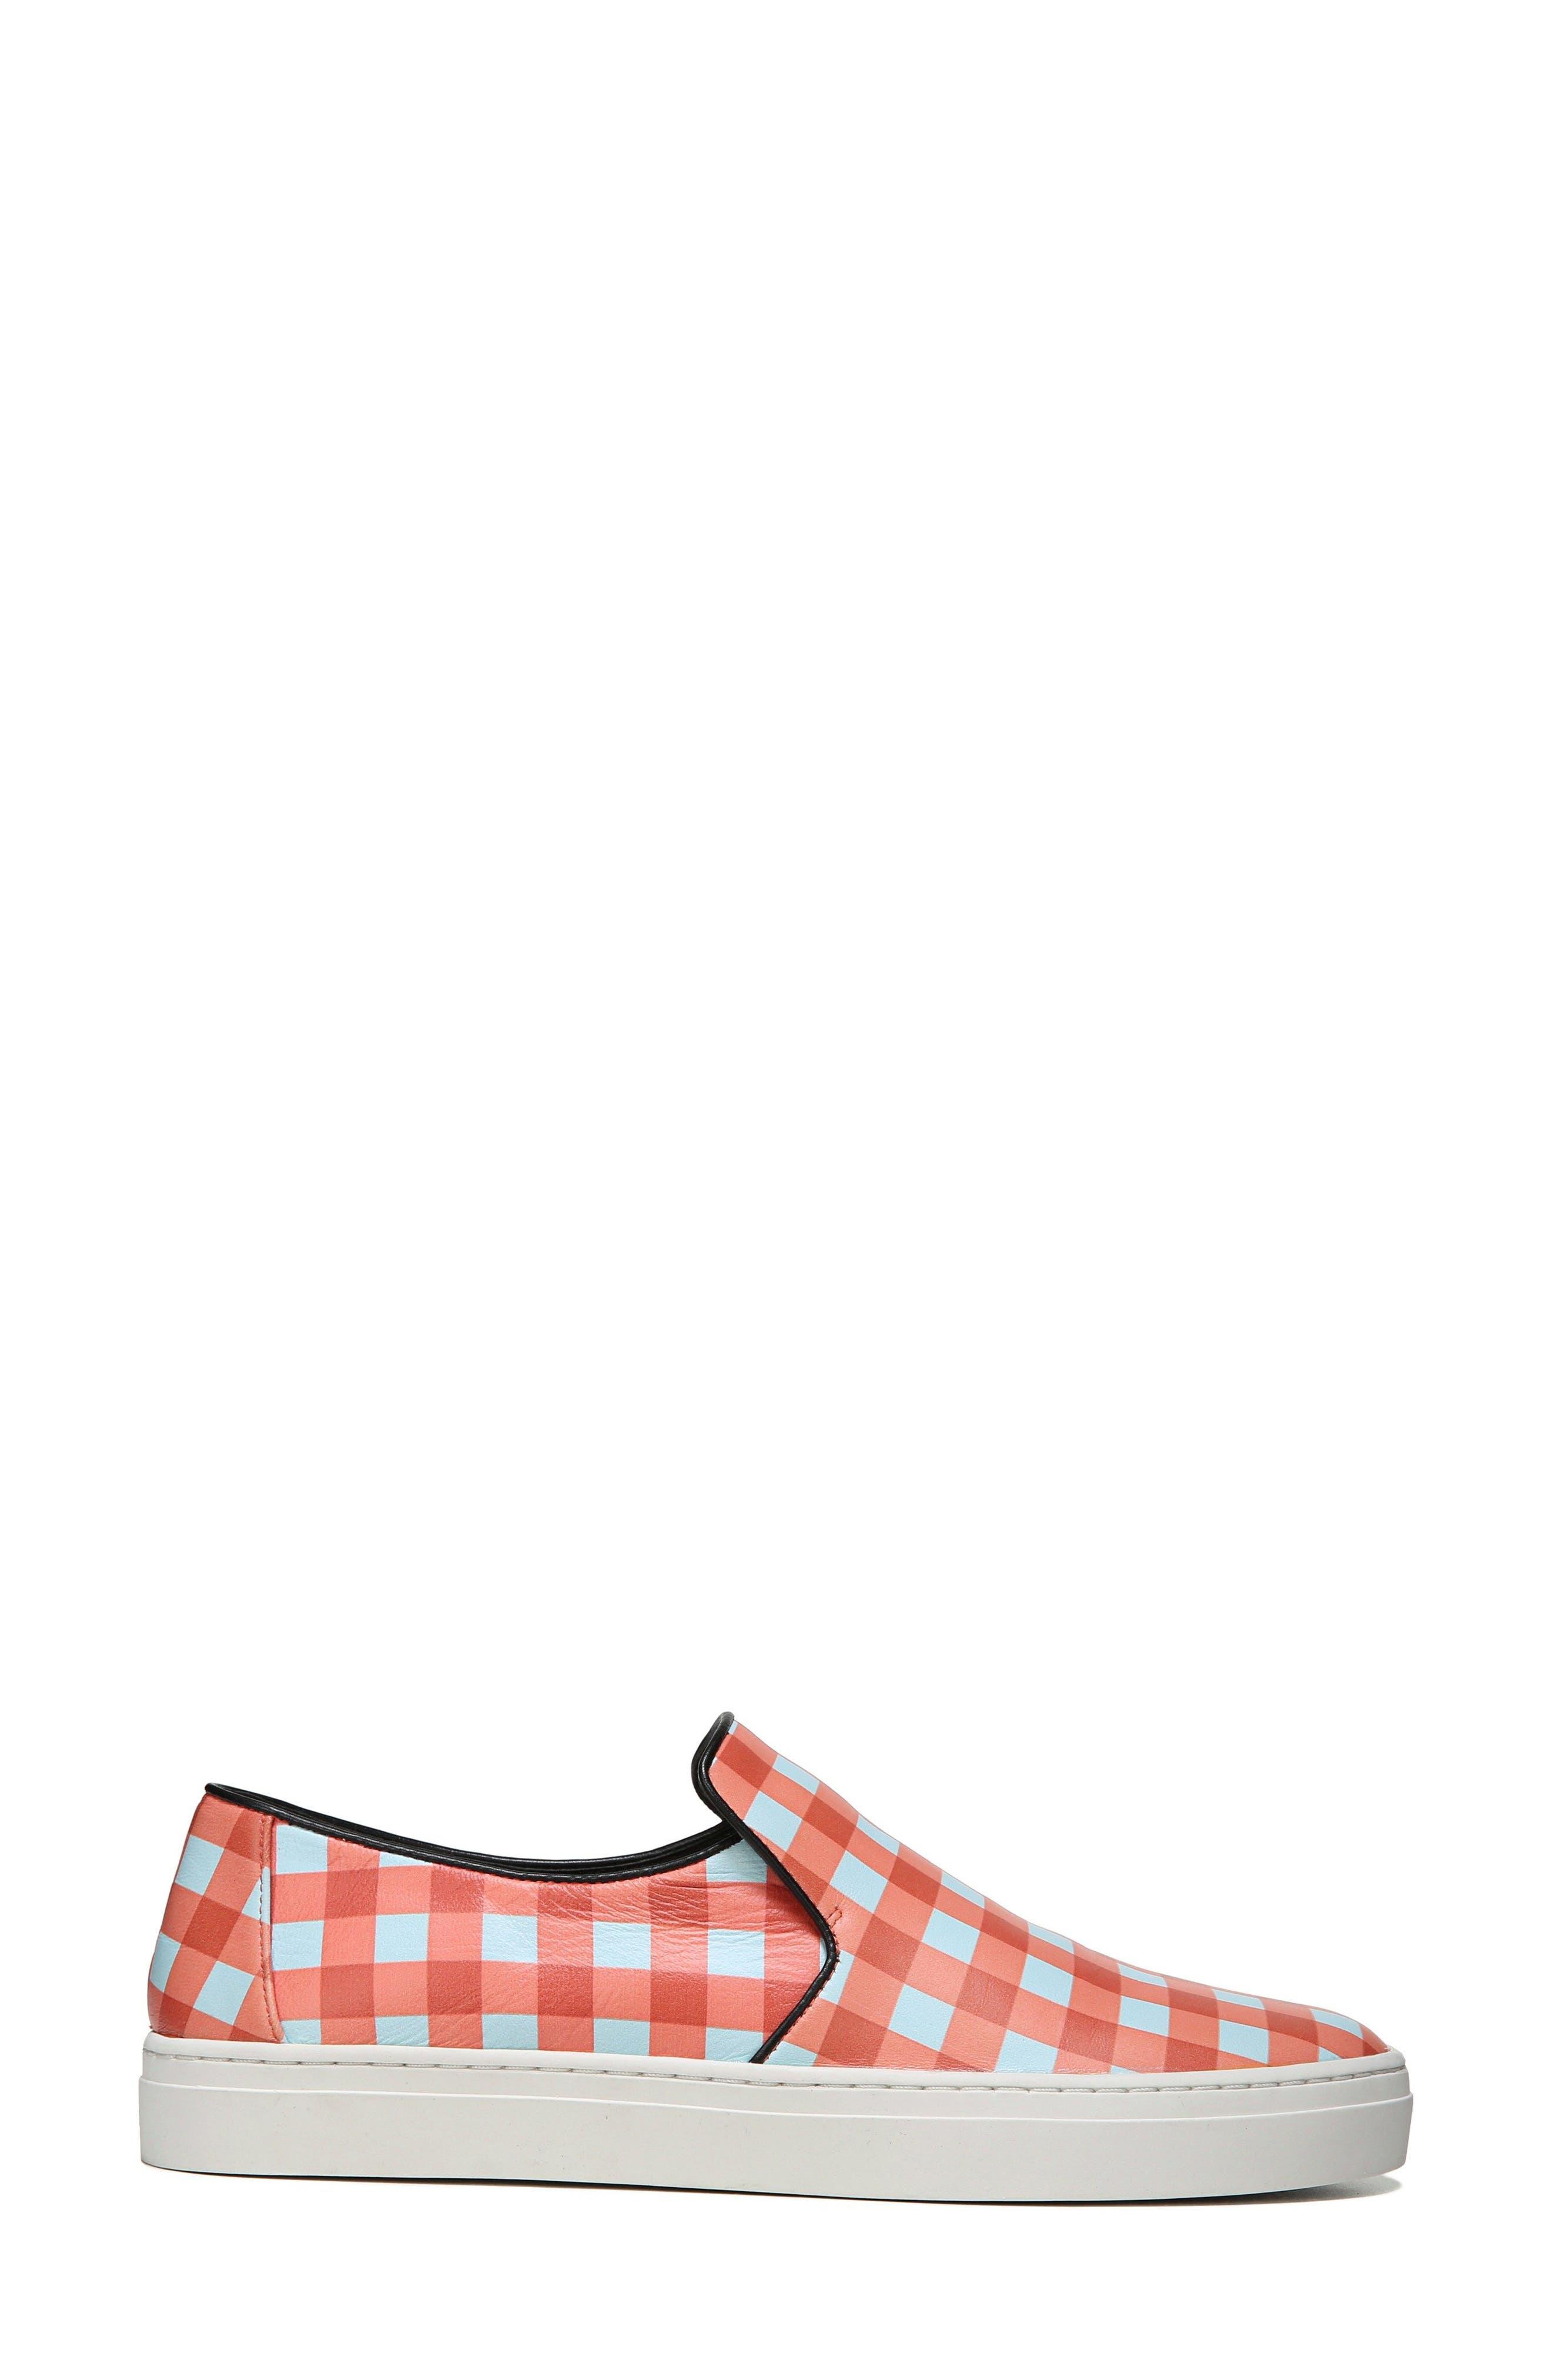 Budapest Slip-On Sneaker,                             Alternate thumbnail 3, color,                             Bold Red/ Black